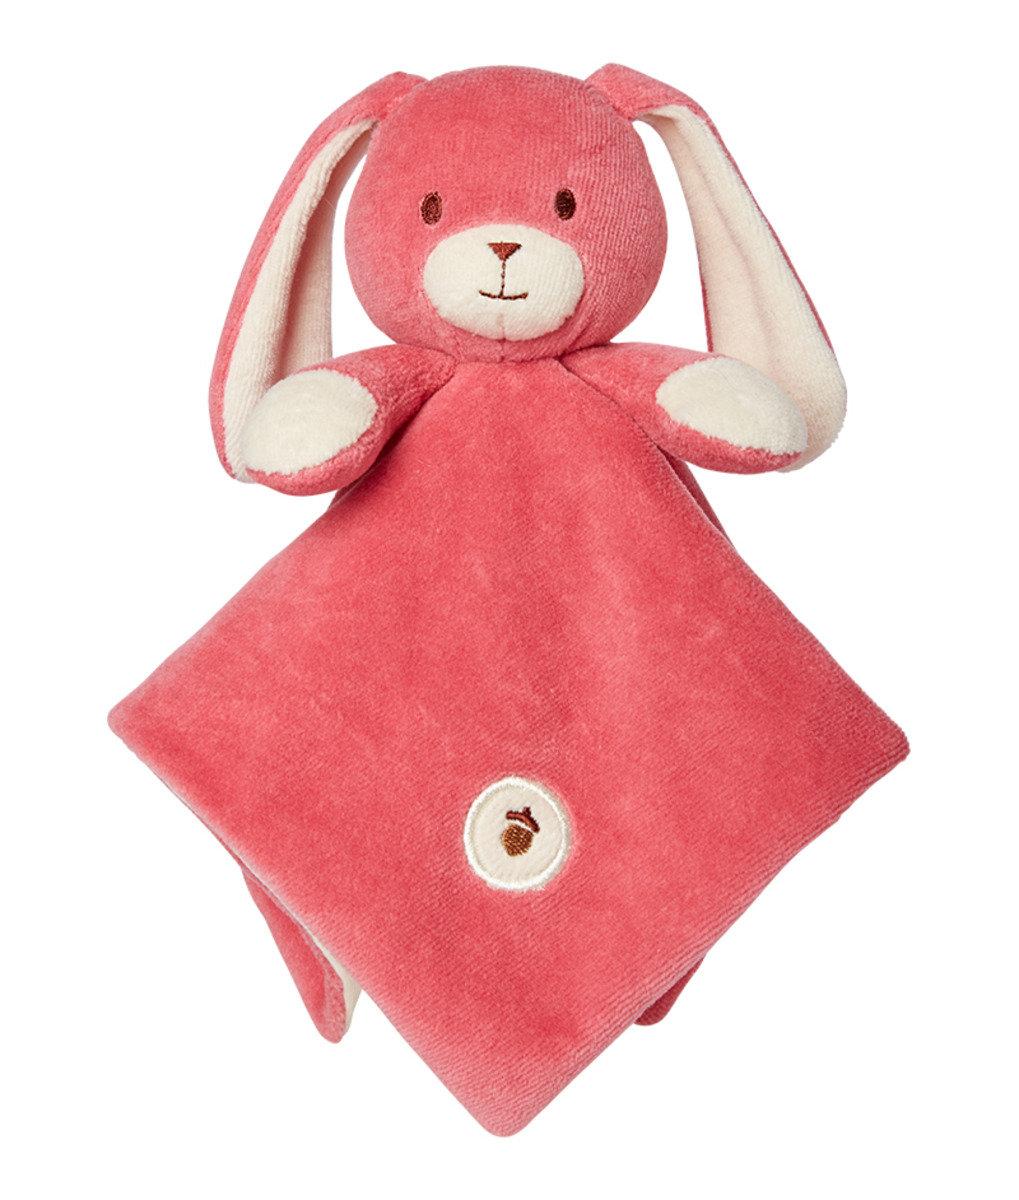 美國紐約My Natural™ Lovie Blankie天然有機棉安撫巾 - 桃紅小兔